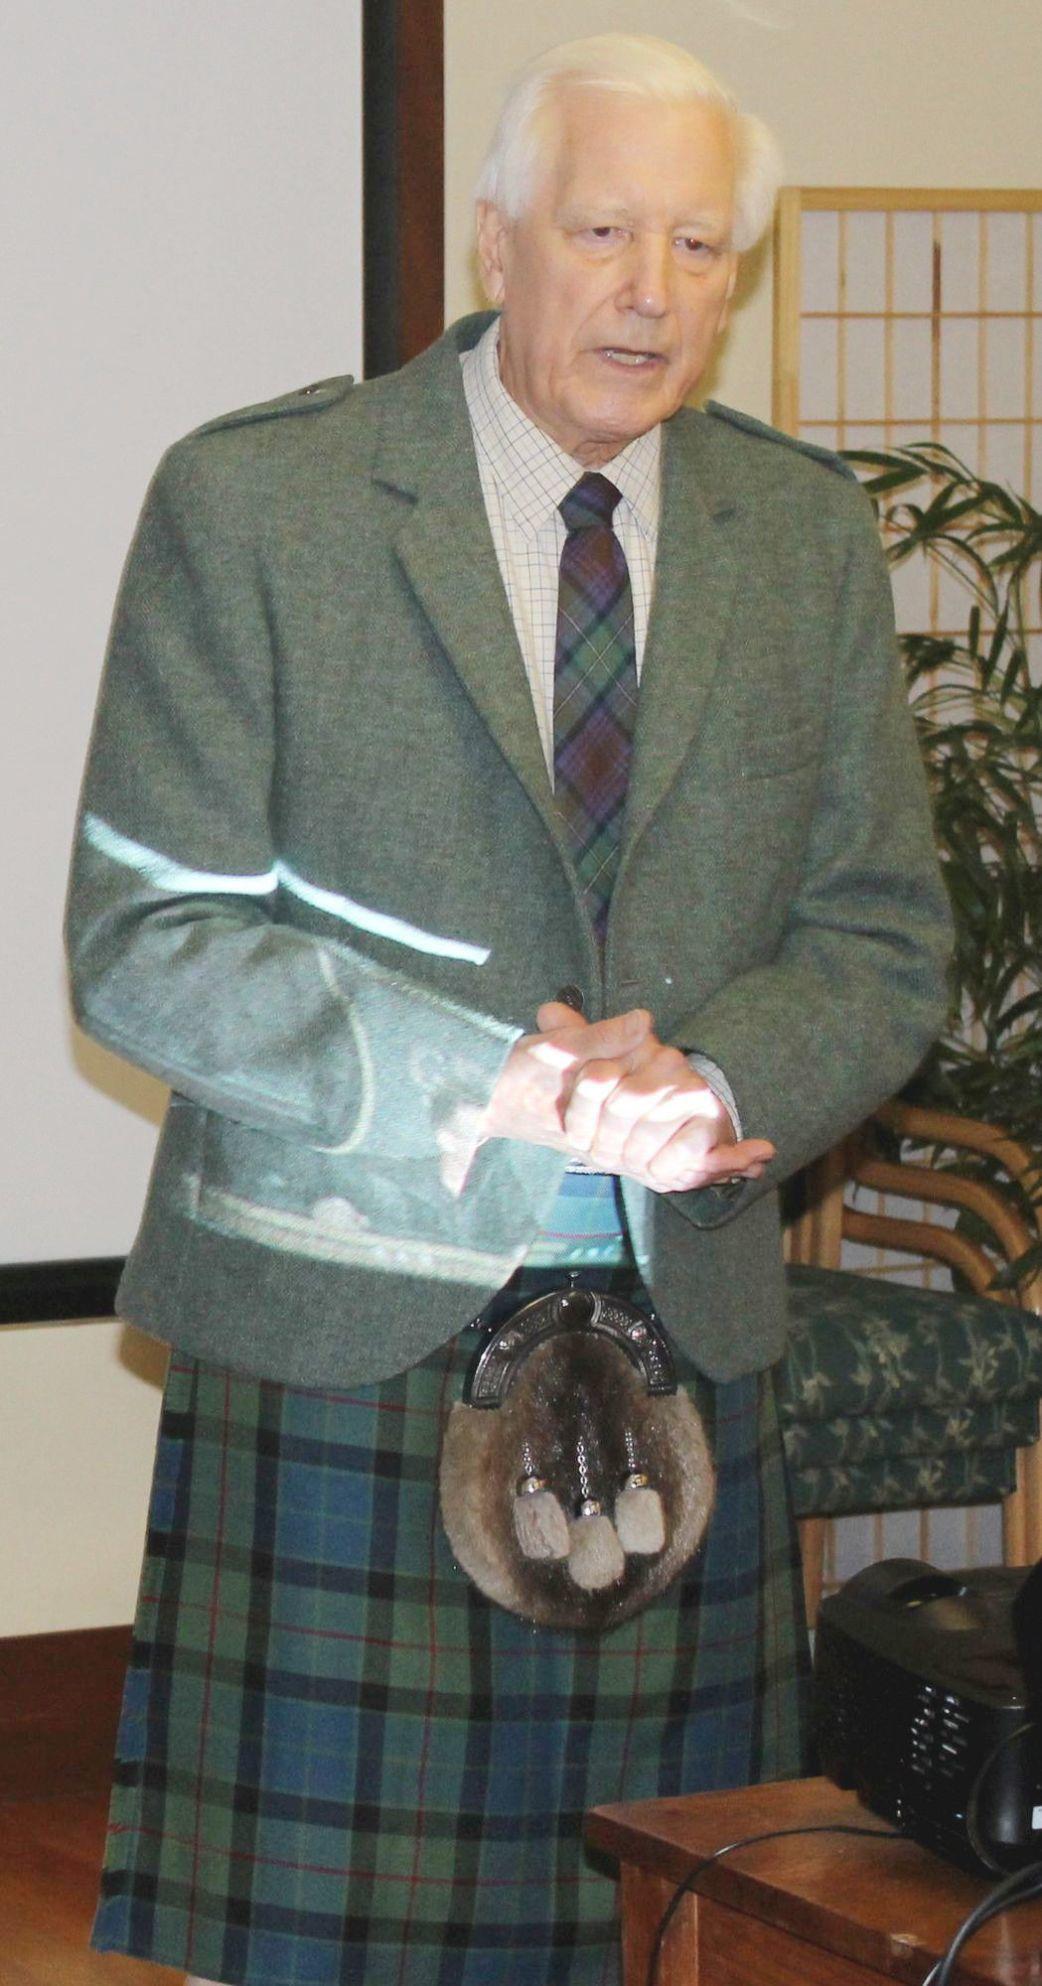 John Wilson at St. Helena's Rianda House Senior Activity Center